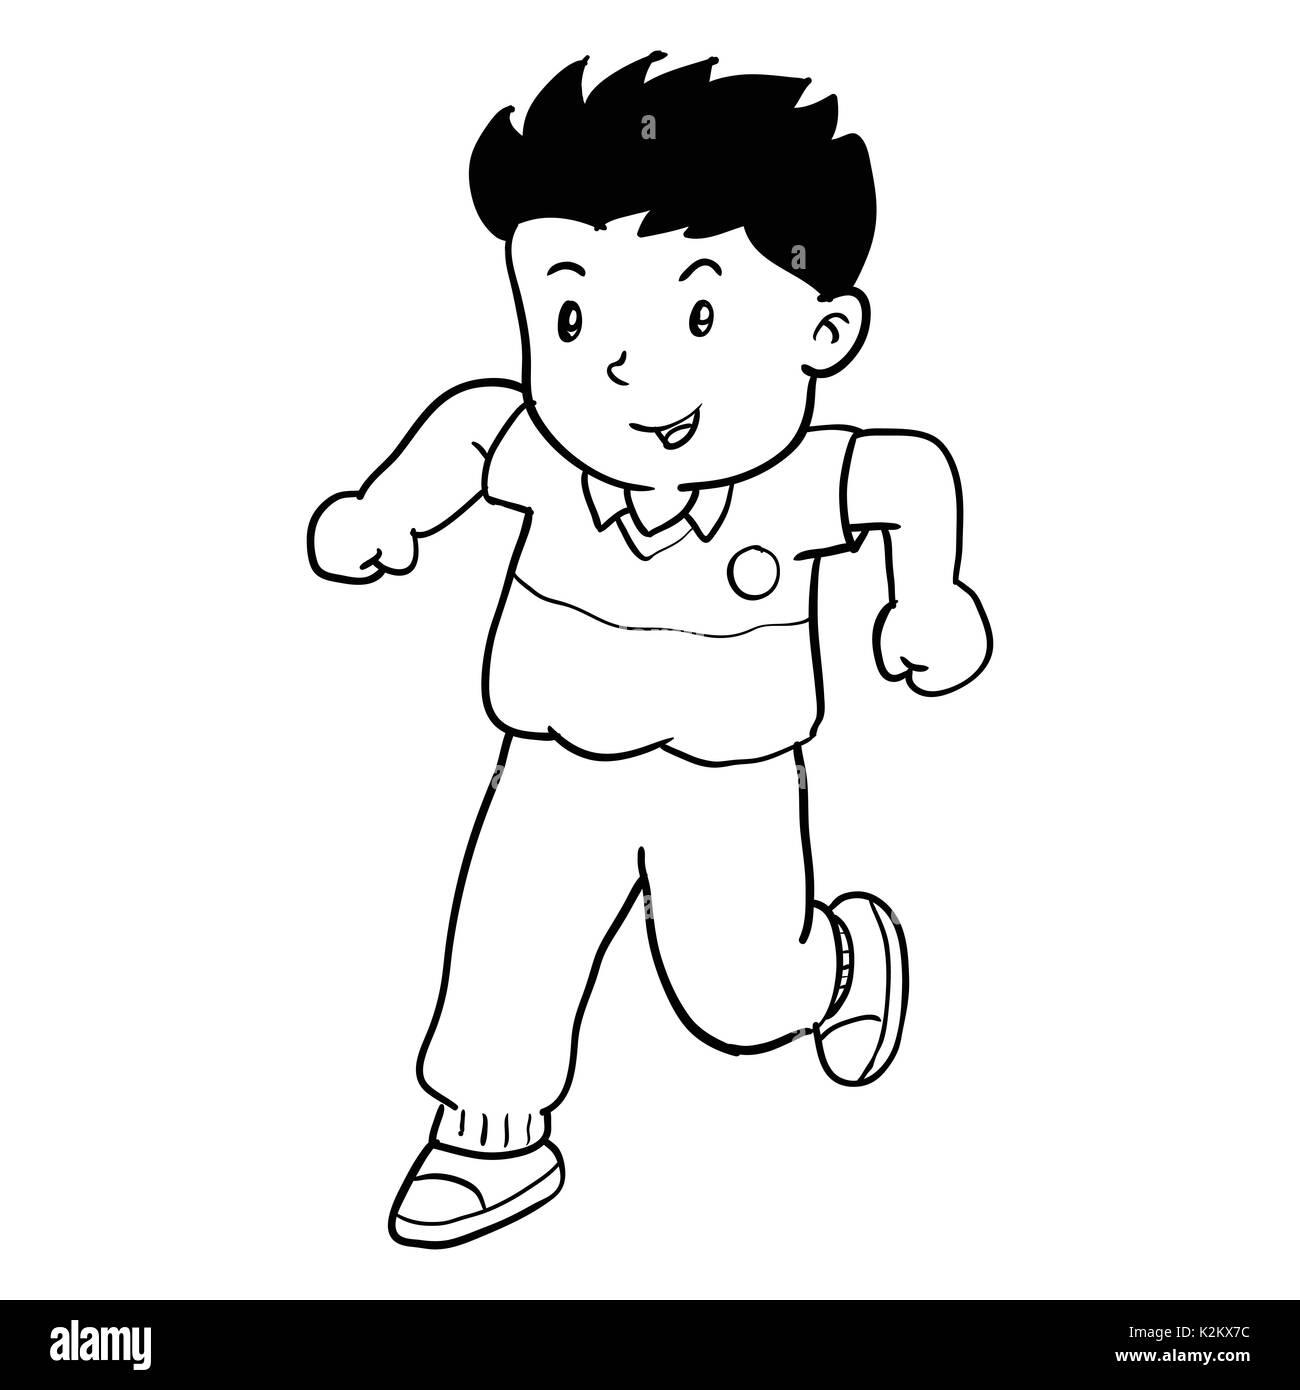 Disegno A Mano Di Boy Runnin Isolati Su Sfondo Bianco Bianco E Nero